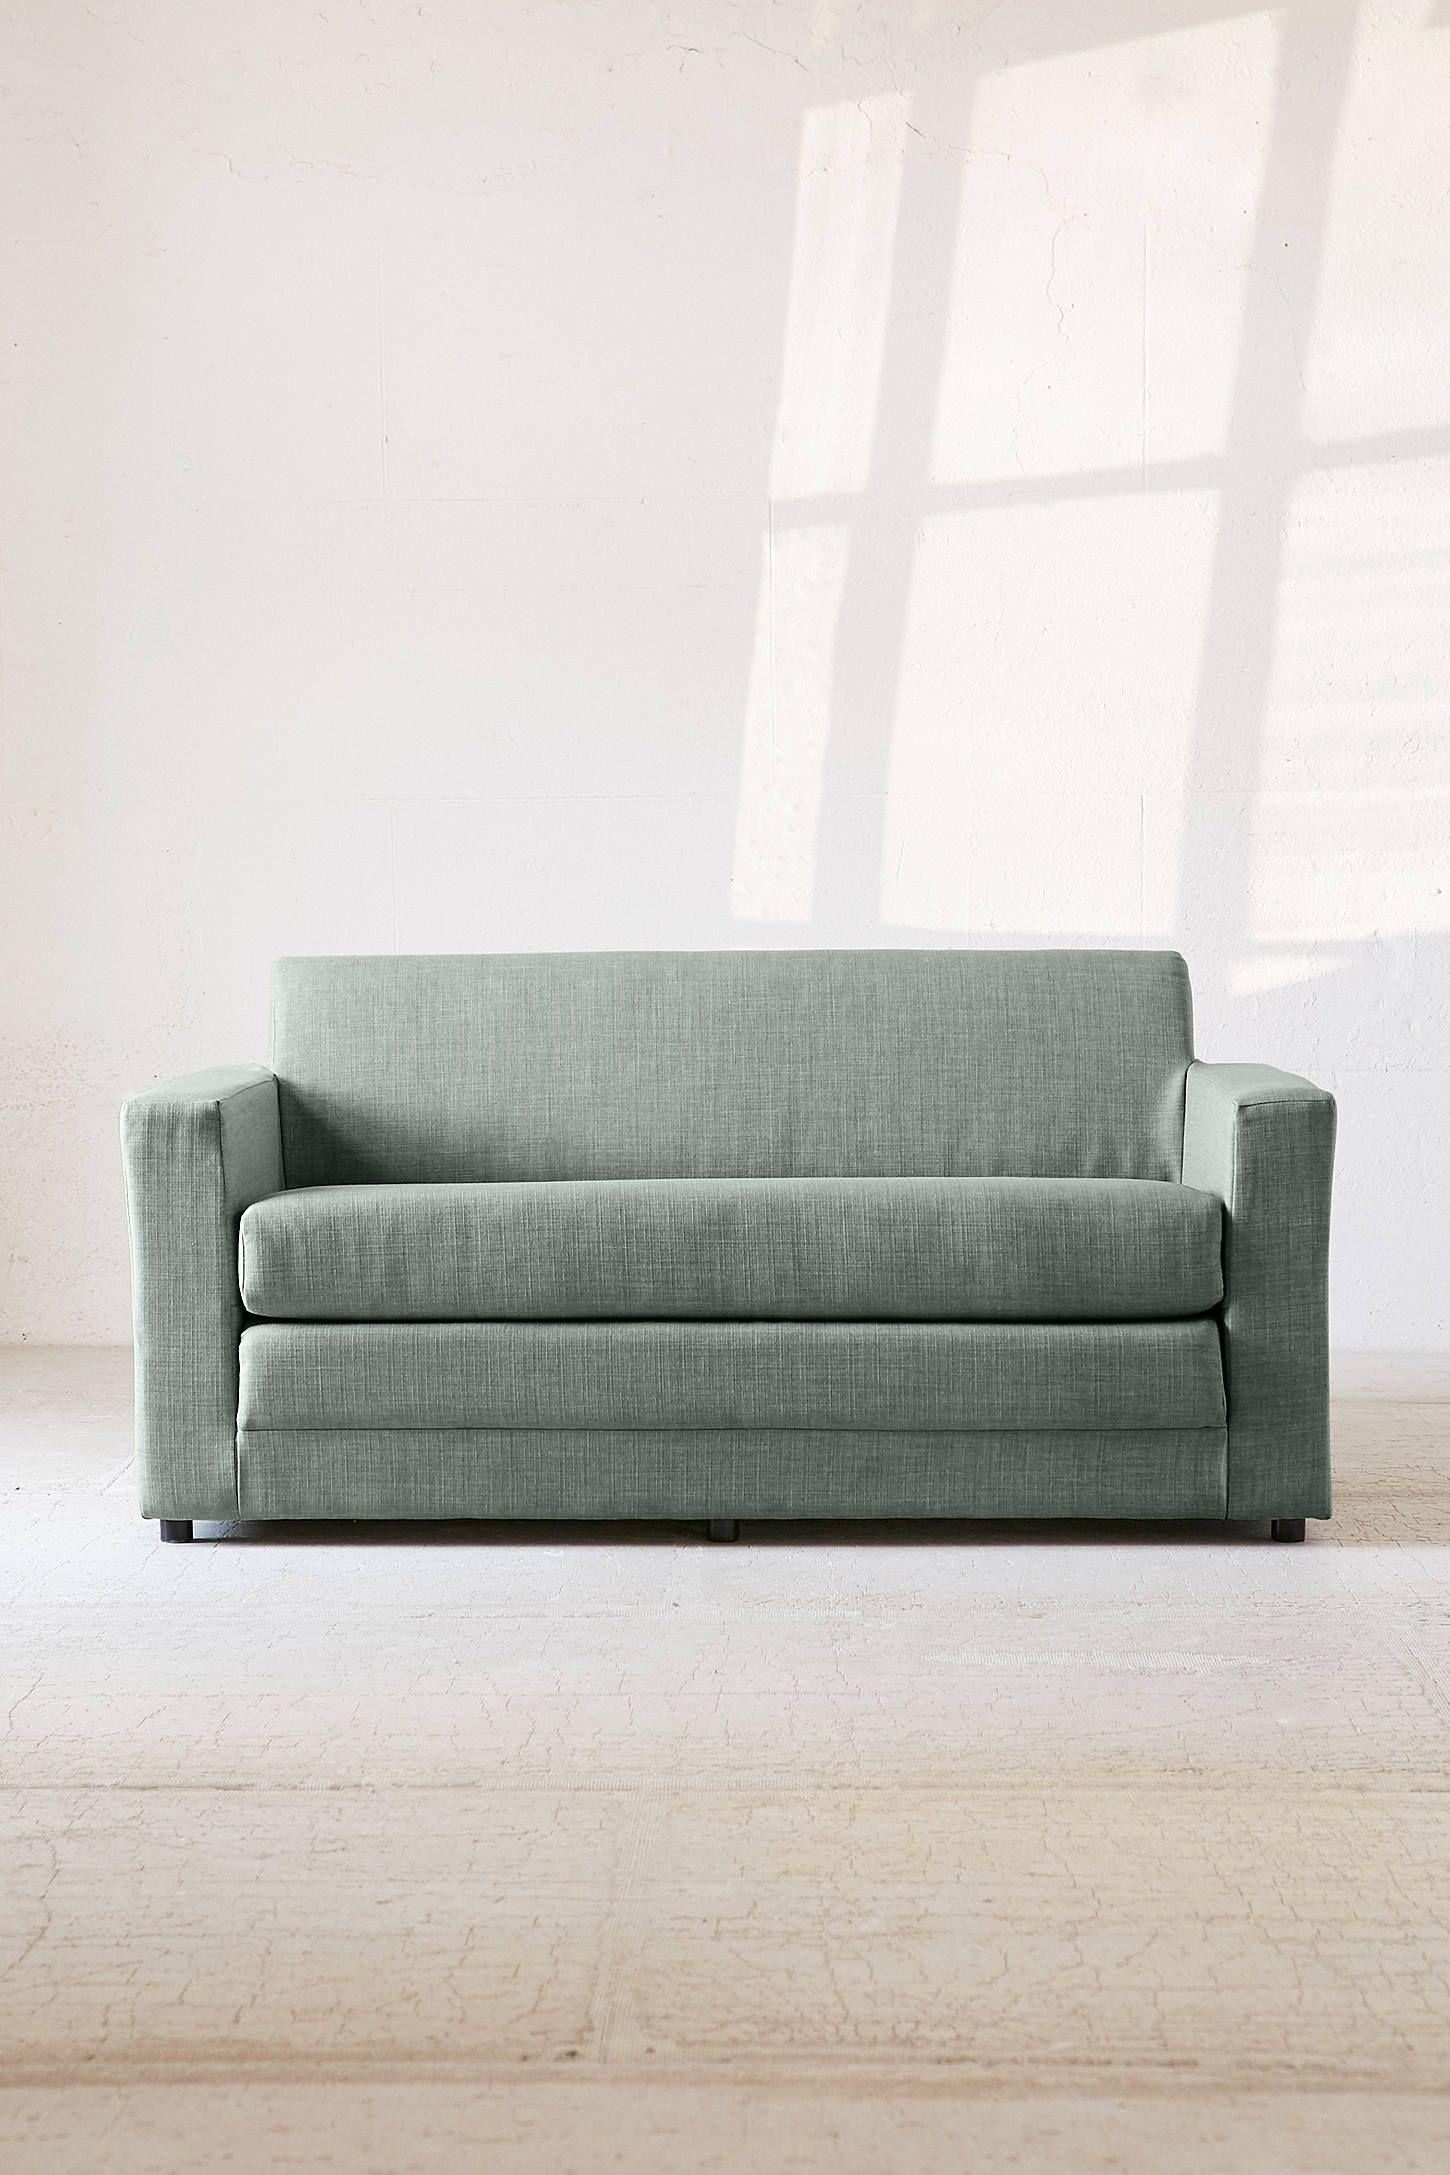 Anywhere Sleeper Sofa images